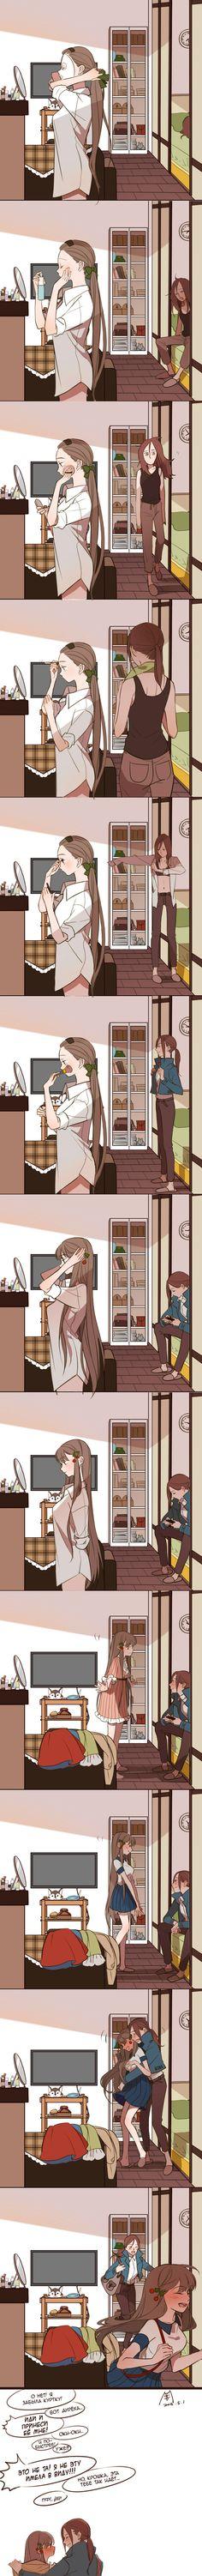 Чтение манги Меган и Даная 1 - 7 - самые свежие переводы. Read manga online! - ReadManga.me